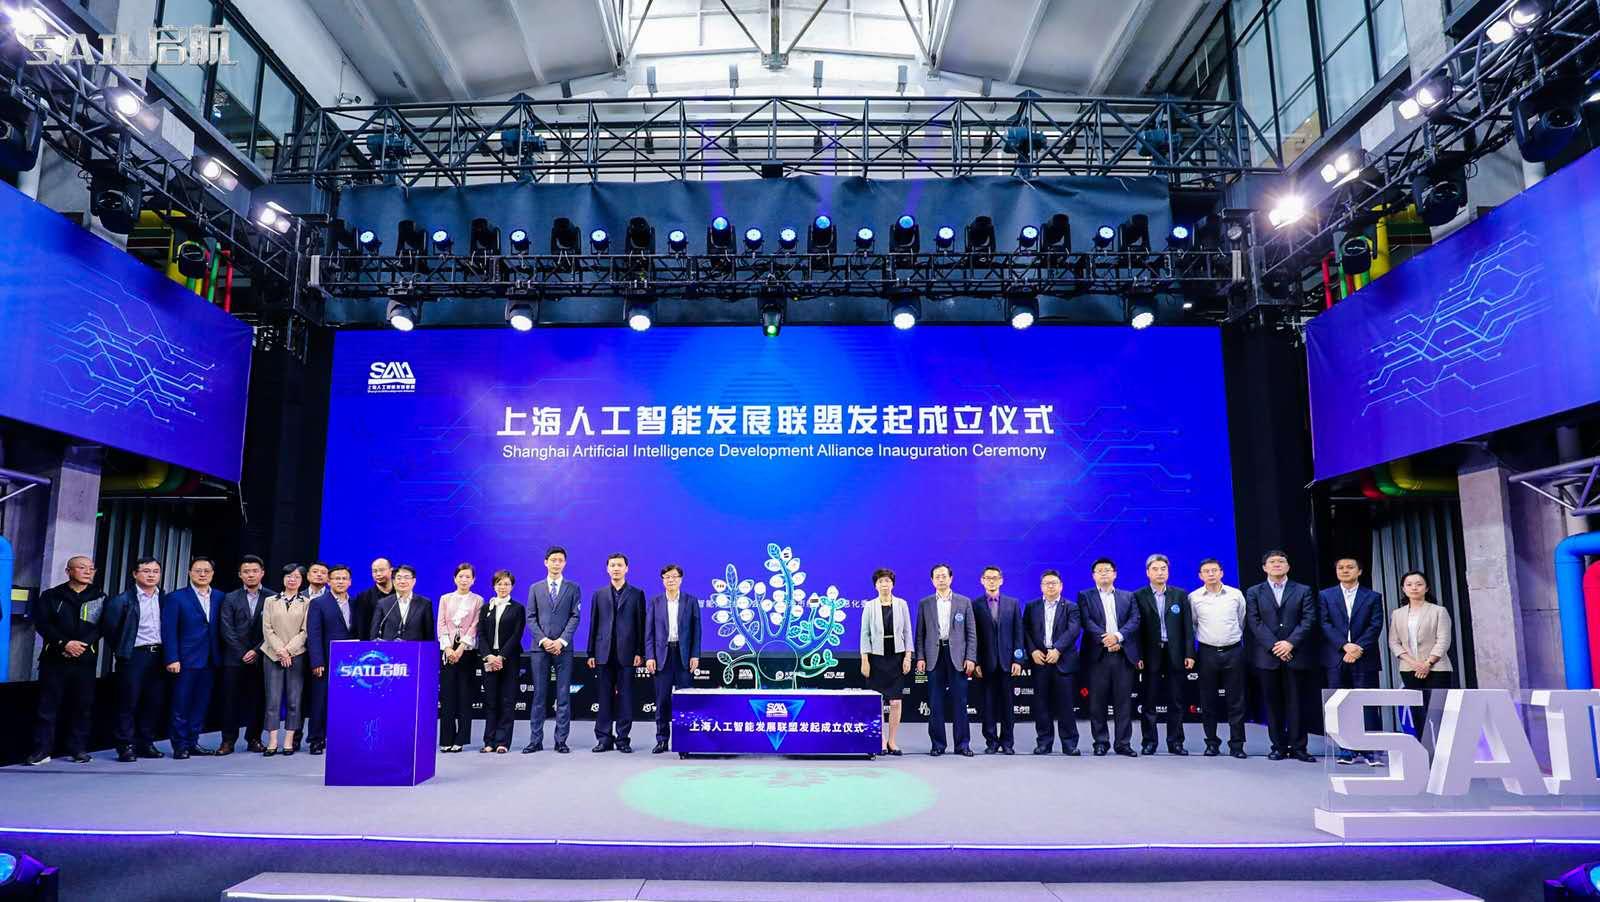 发起成立上海人工智能发展联盟,